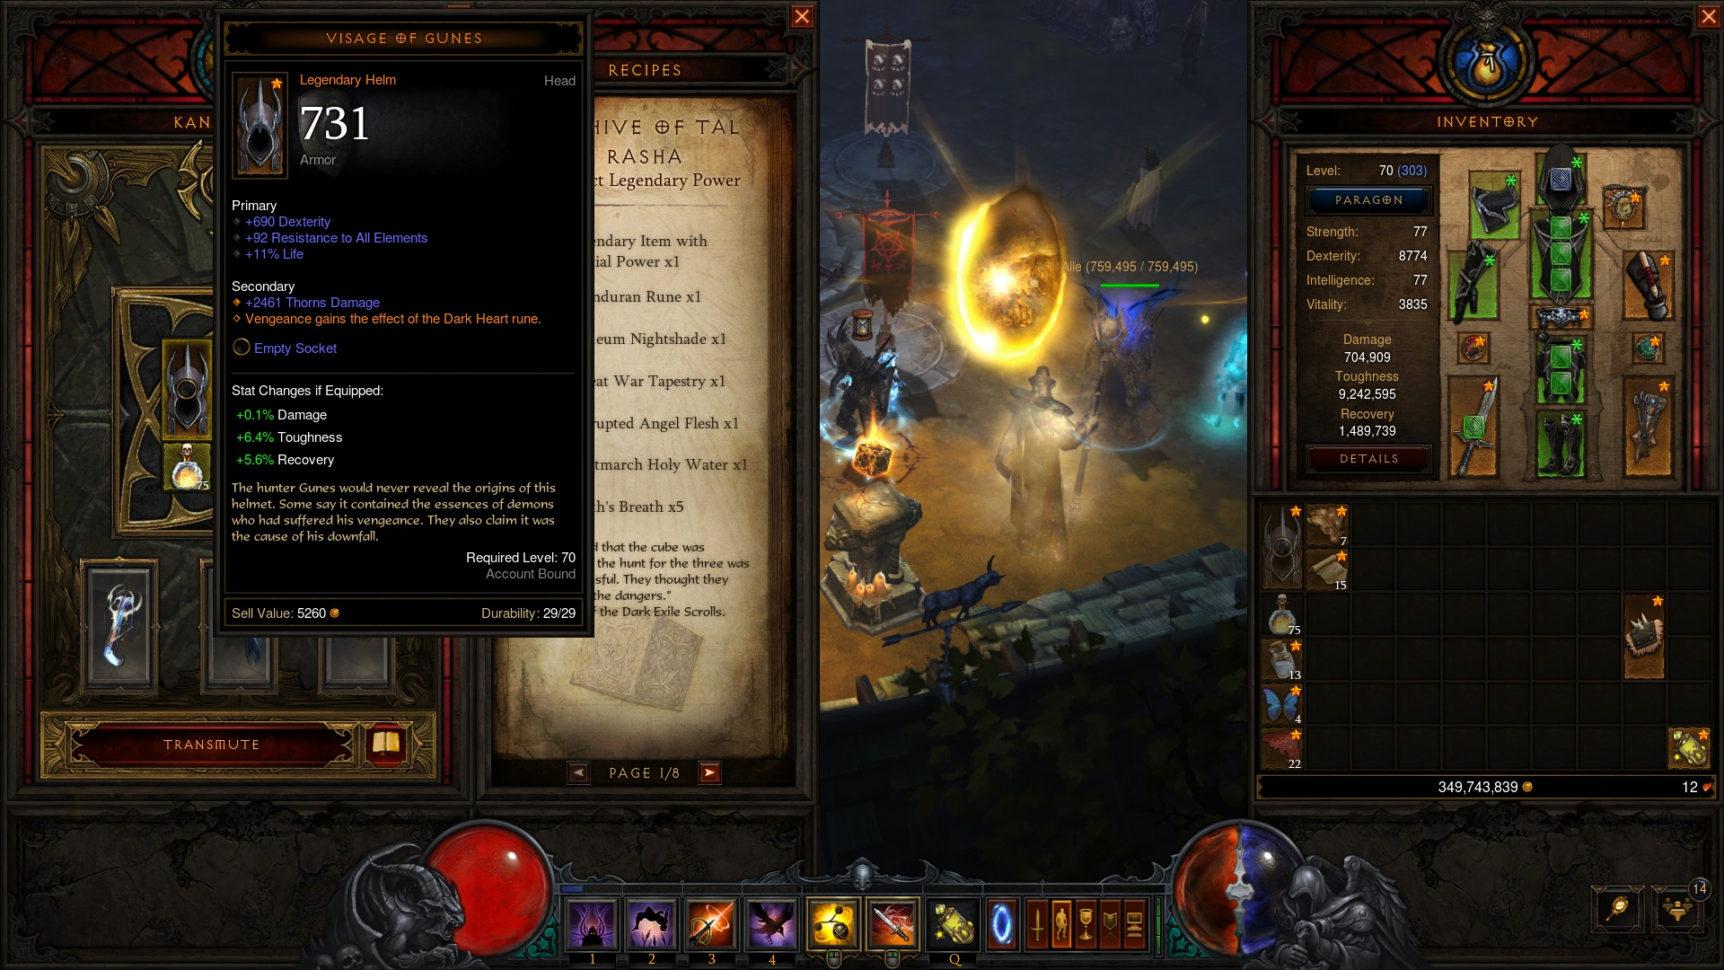 Diablo 3 Leveling Spreadsheet Throughout Diablo Leveling Spreadsheet Gambling Best Slots Seasonder Guide